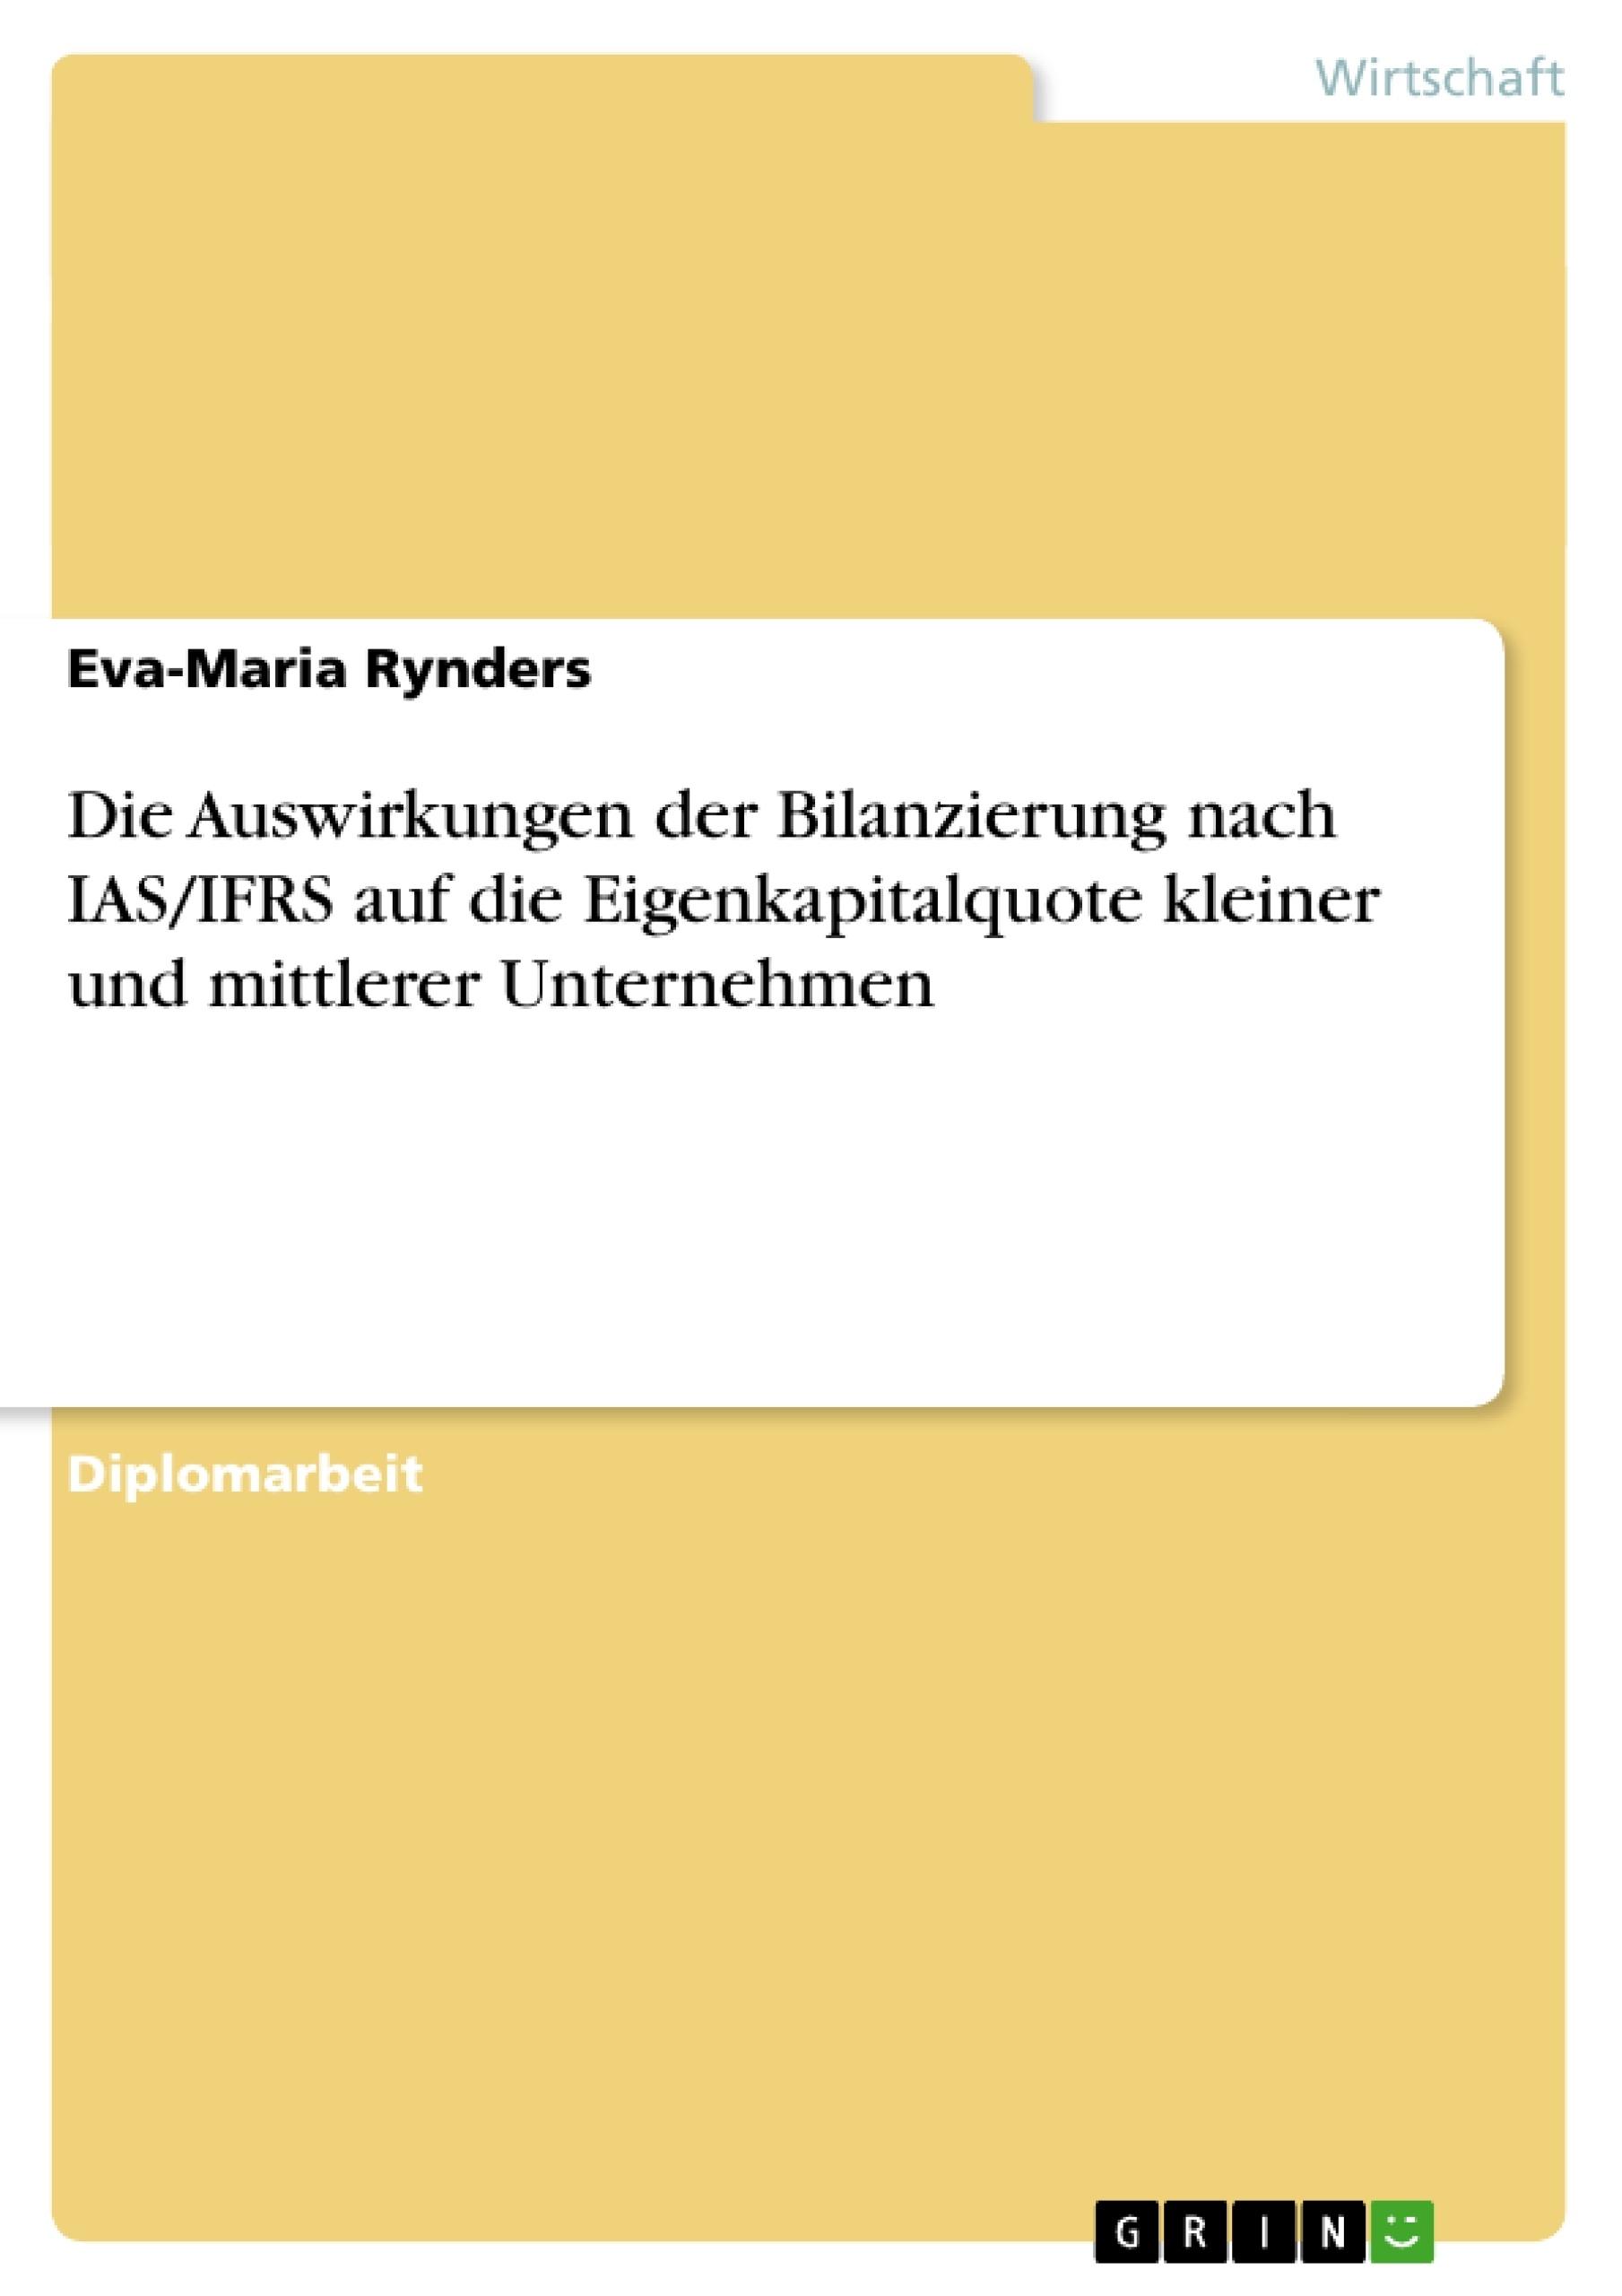 Titel: Die Auswirkungen der Bilanzierung nach IAS/IFRS auf die Eigenkapitalquote kleiner und mittlerer Unternehmen